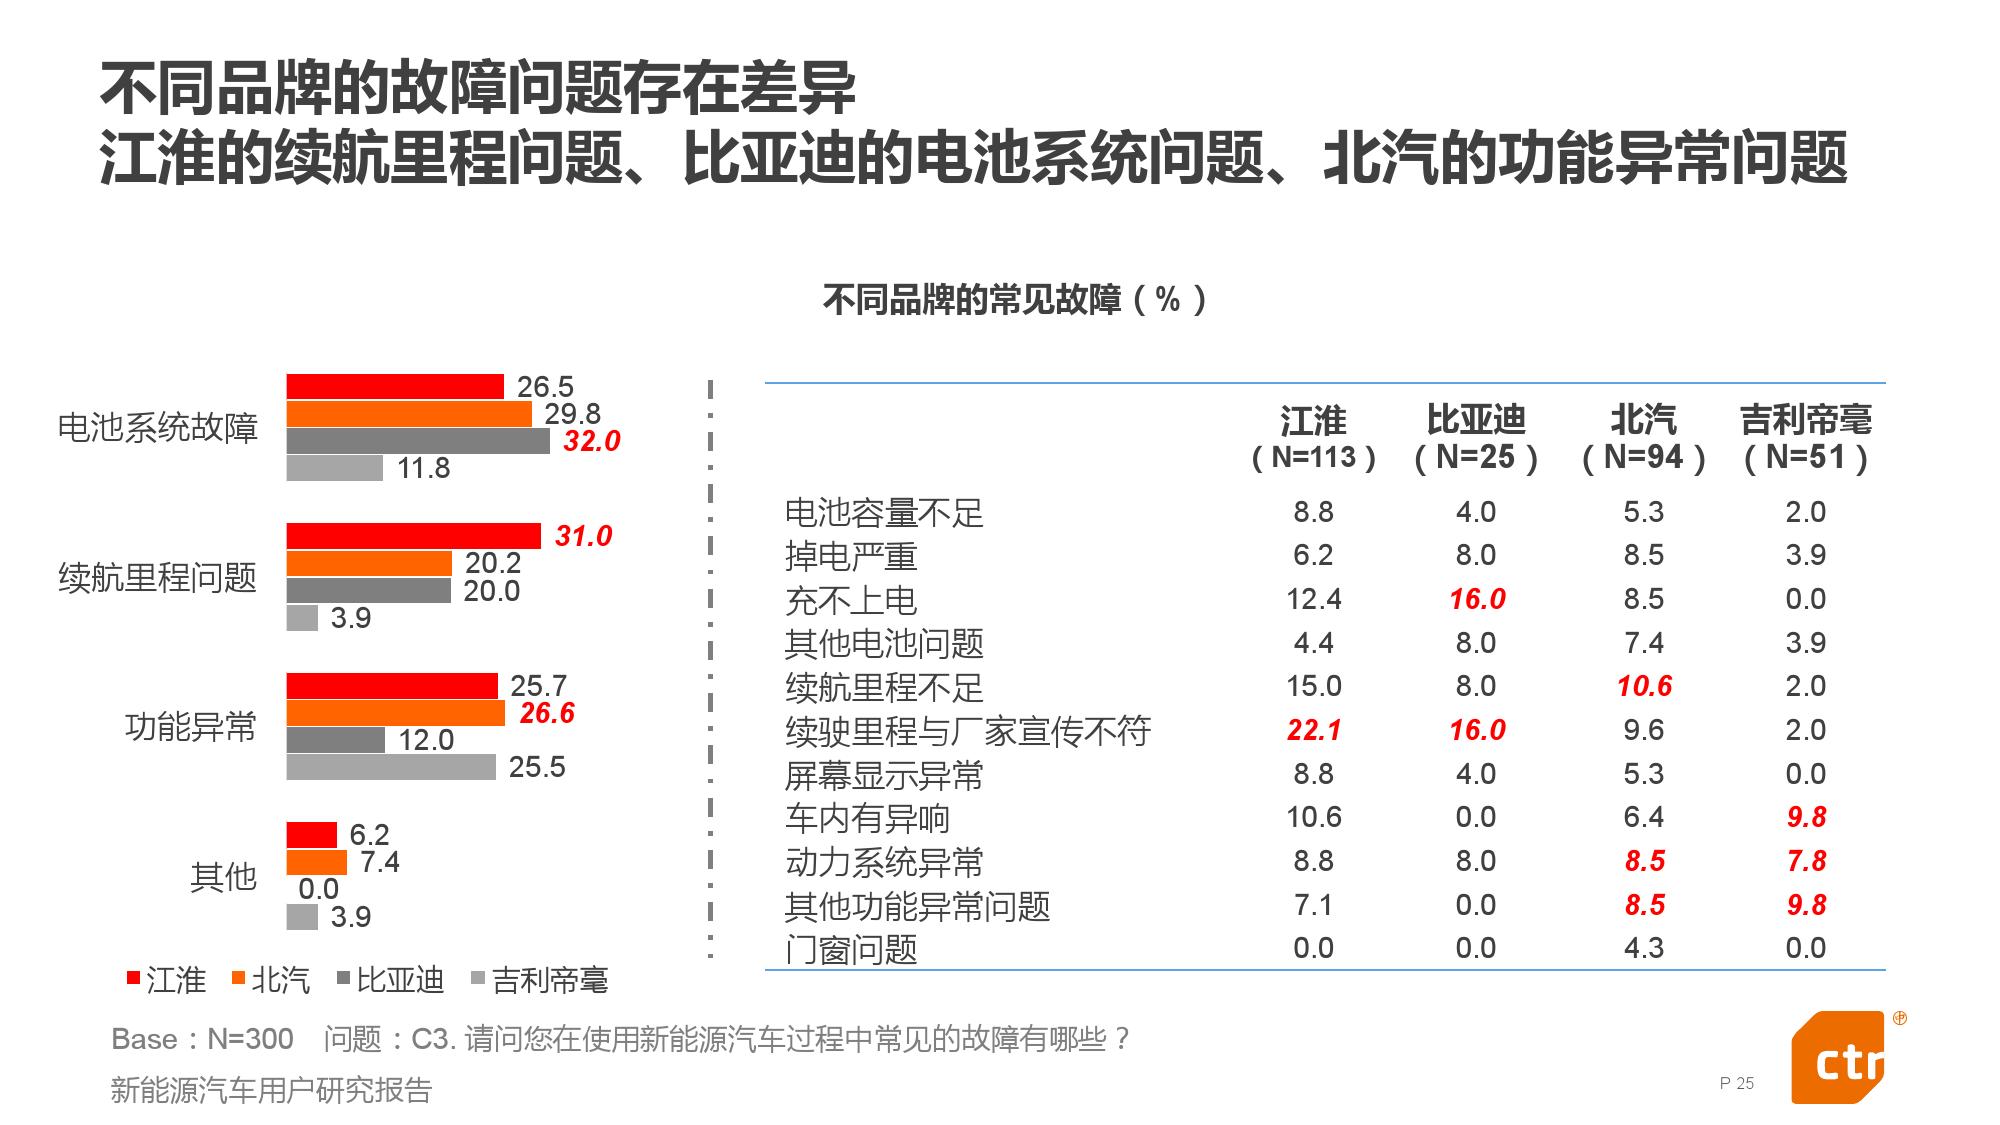 新能源汽车用户研究报告_000025